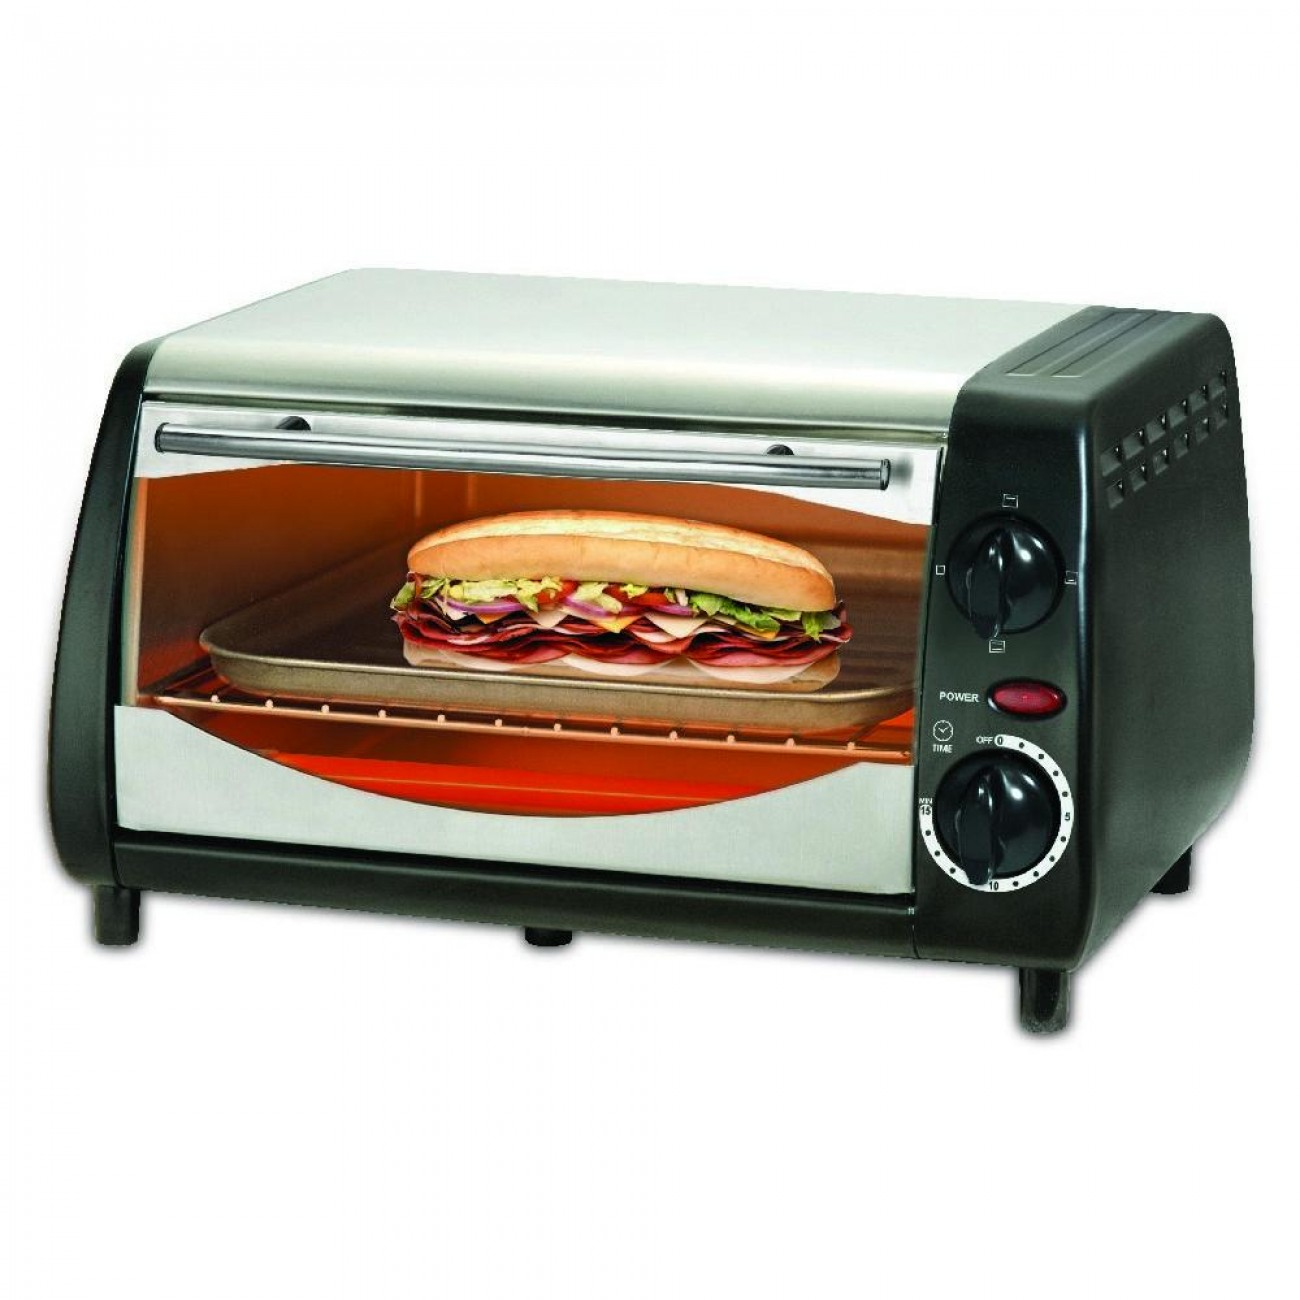 Тостер за сандвичи - фурна SAPIR SP 1441 NSB, 600W, 10 литра, Таймер, Черна/Сребрист в Електрически фурни - SAPIR | Alleop